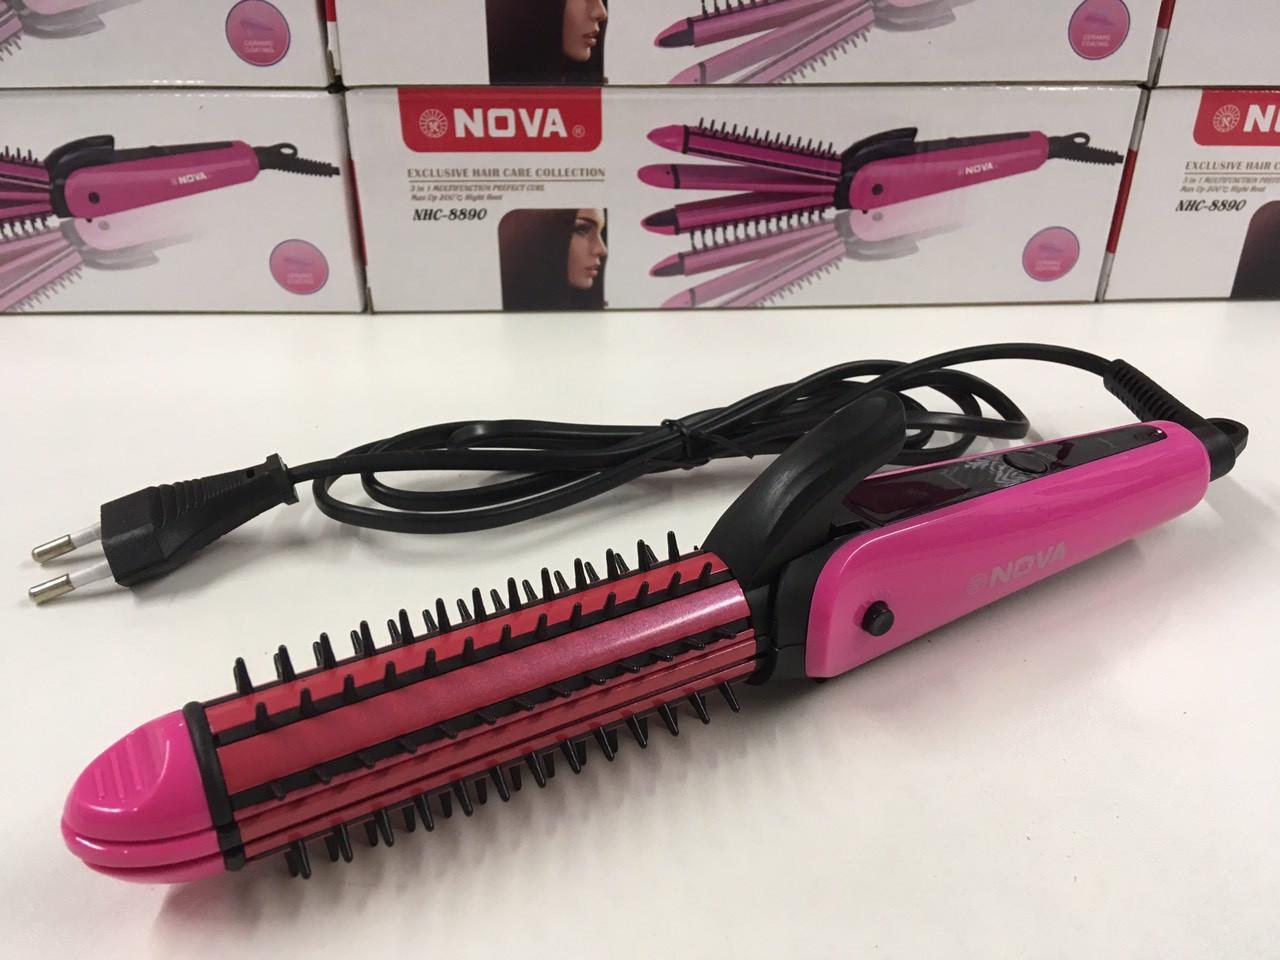 Утюжок для волос NOVA NHC-8890, 3в1